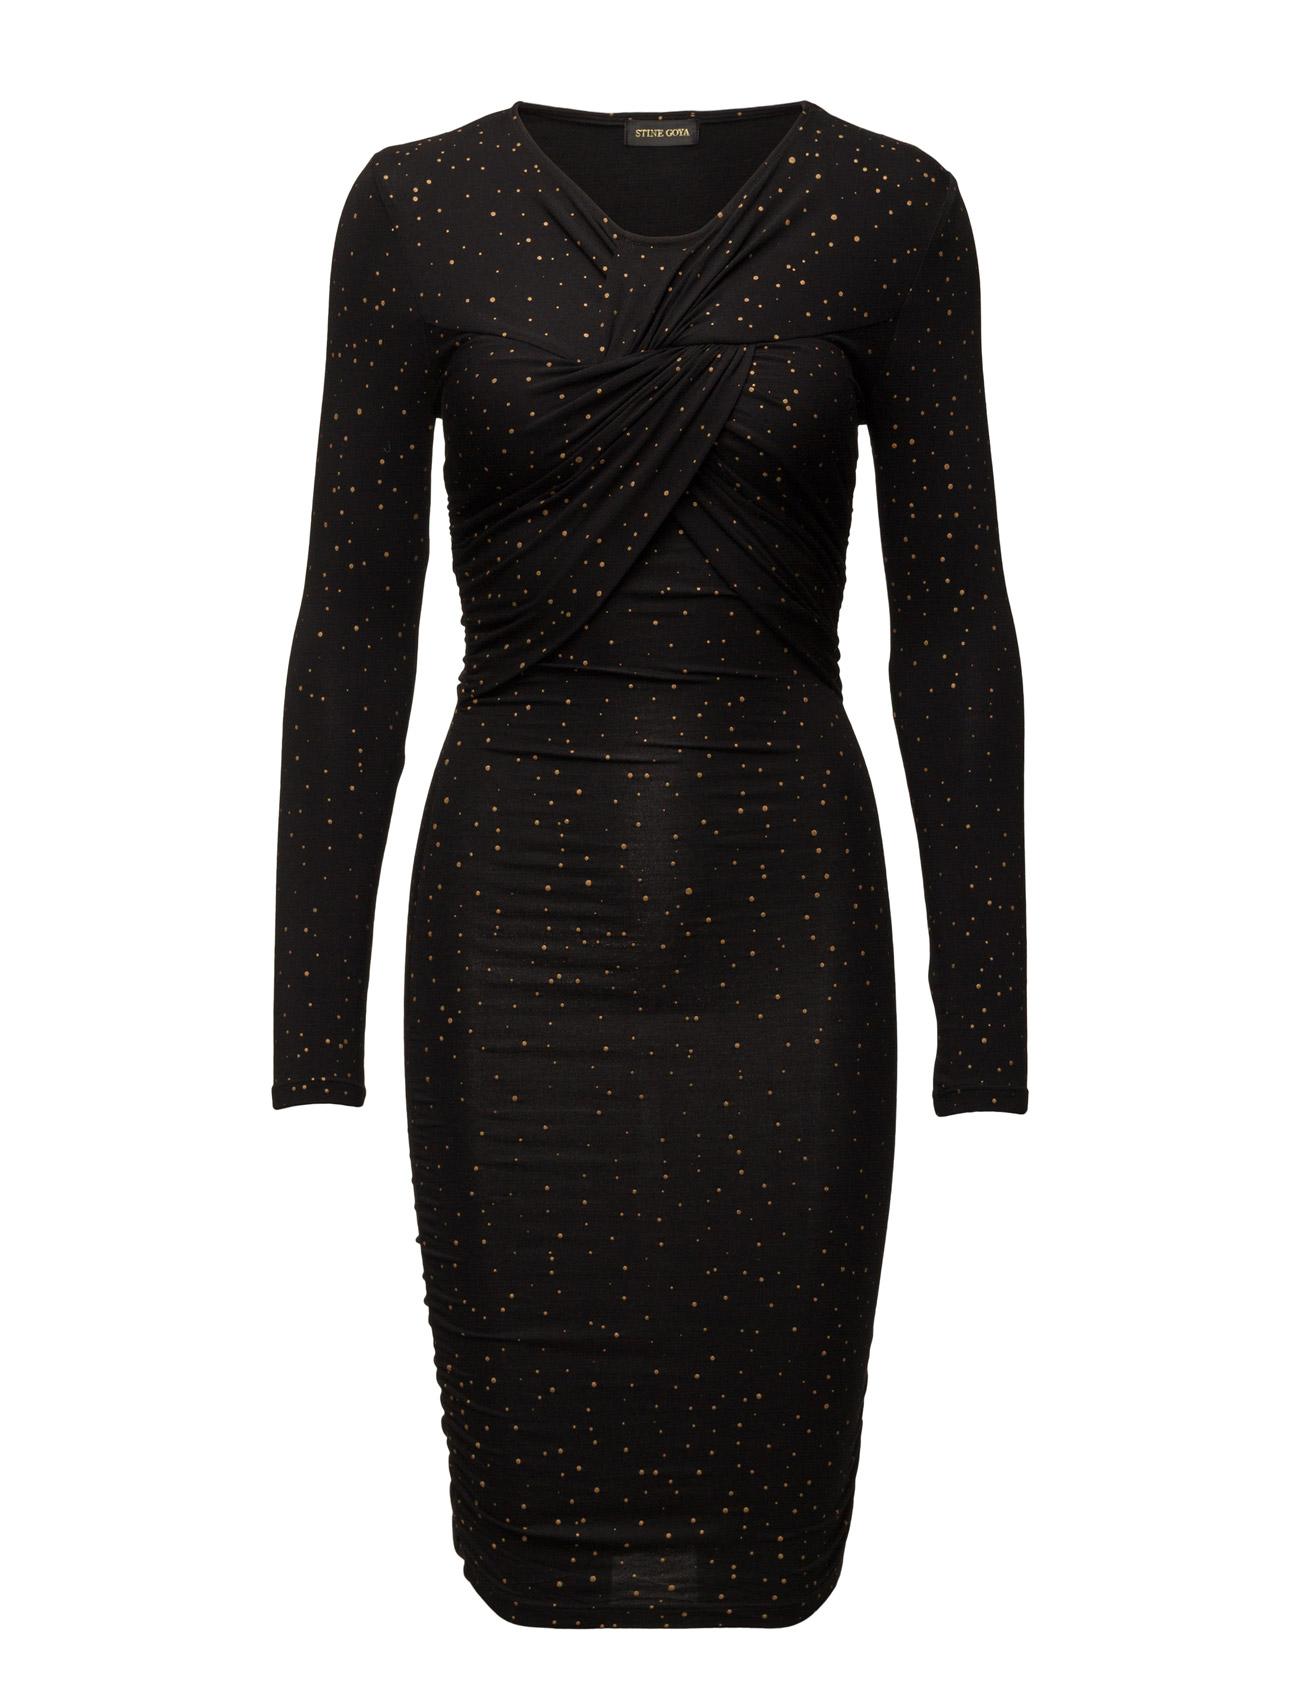 STINE GOYA Fantastique Dress, Orions